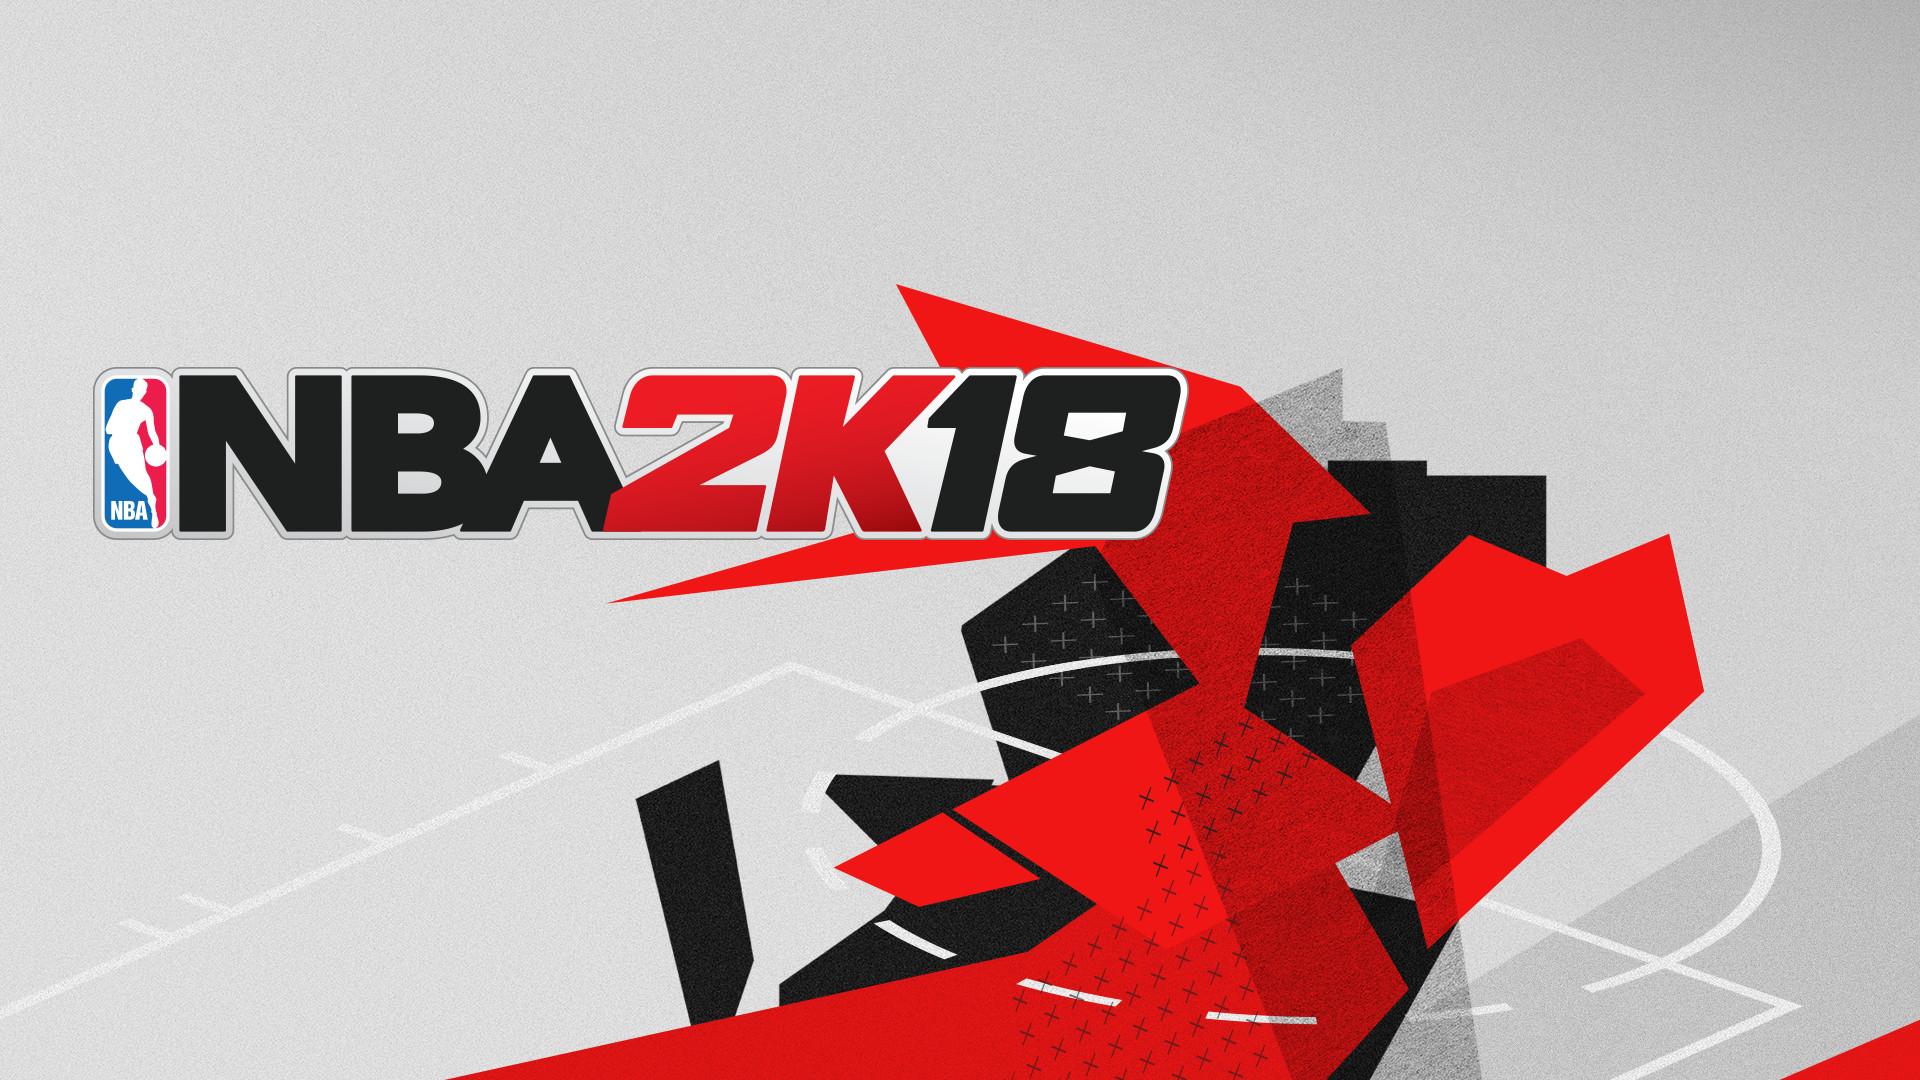 Requisitos de NBA 2K18